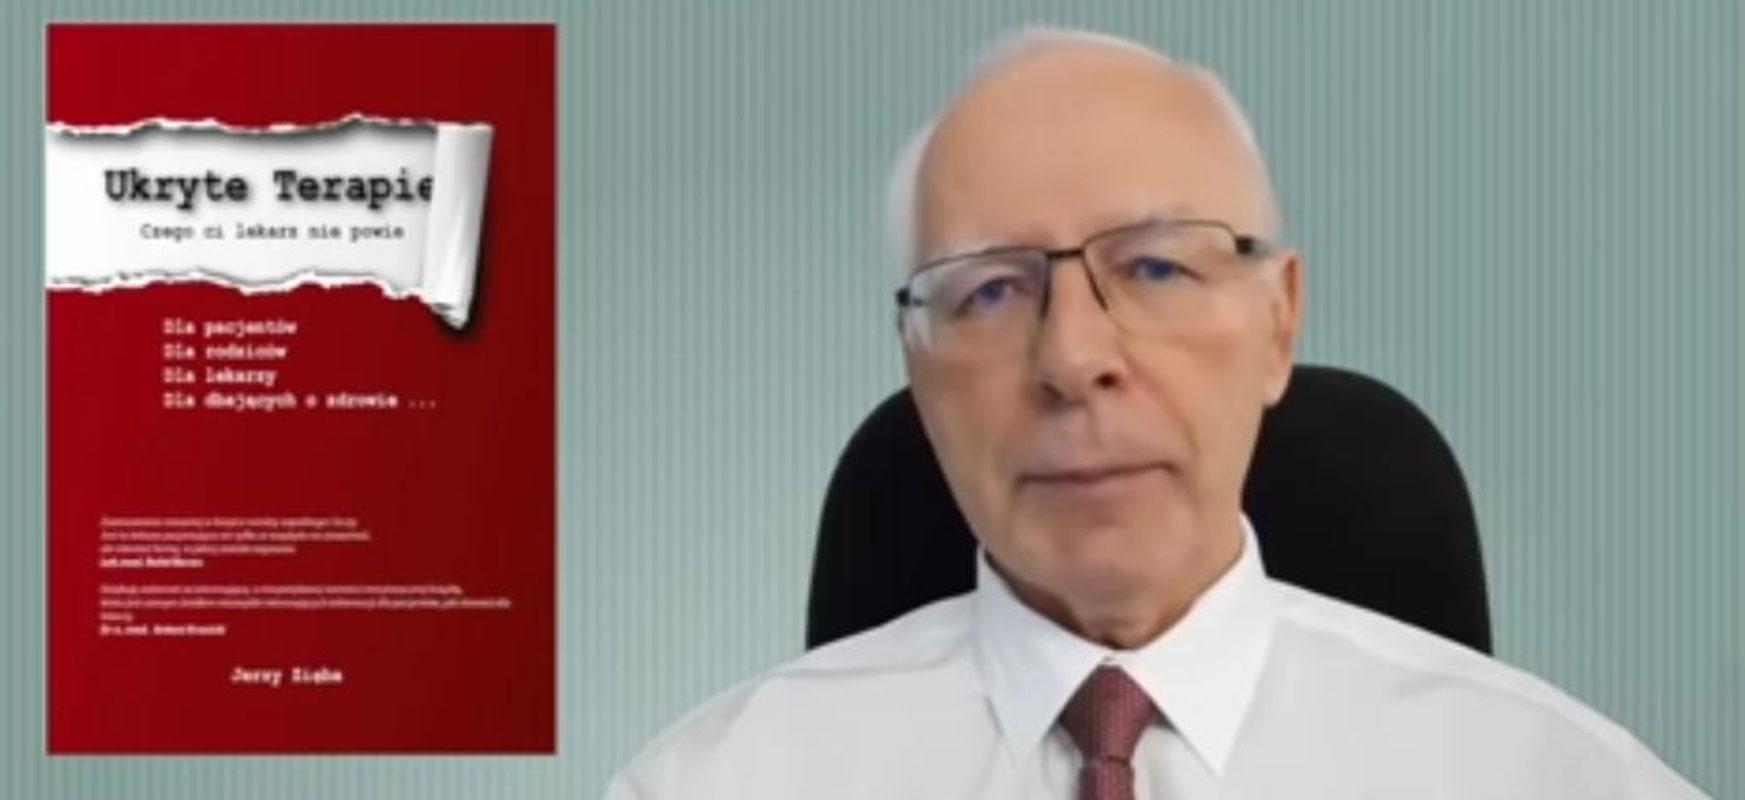 """Coronavirus efektu erabilgarria - Allegrok Jerzy Ziębaren """"jakinduria"""" duten liburuak debekatu ditu"""